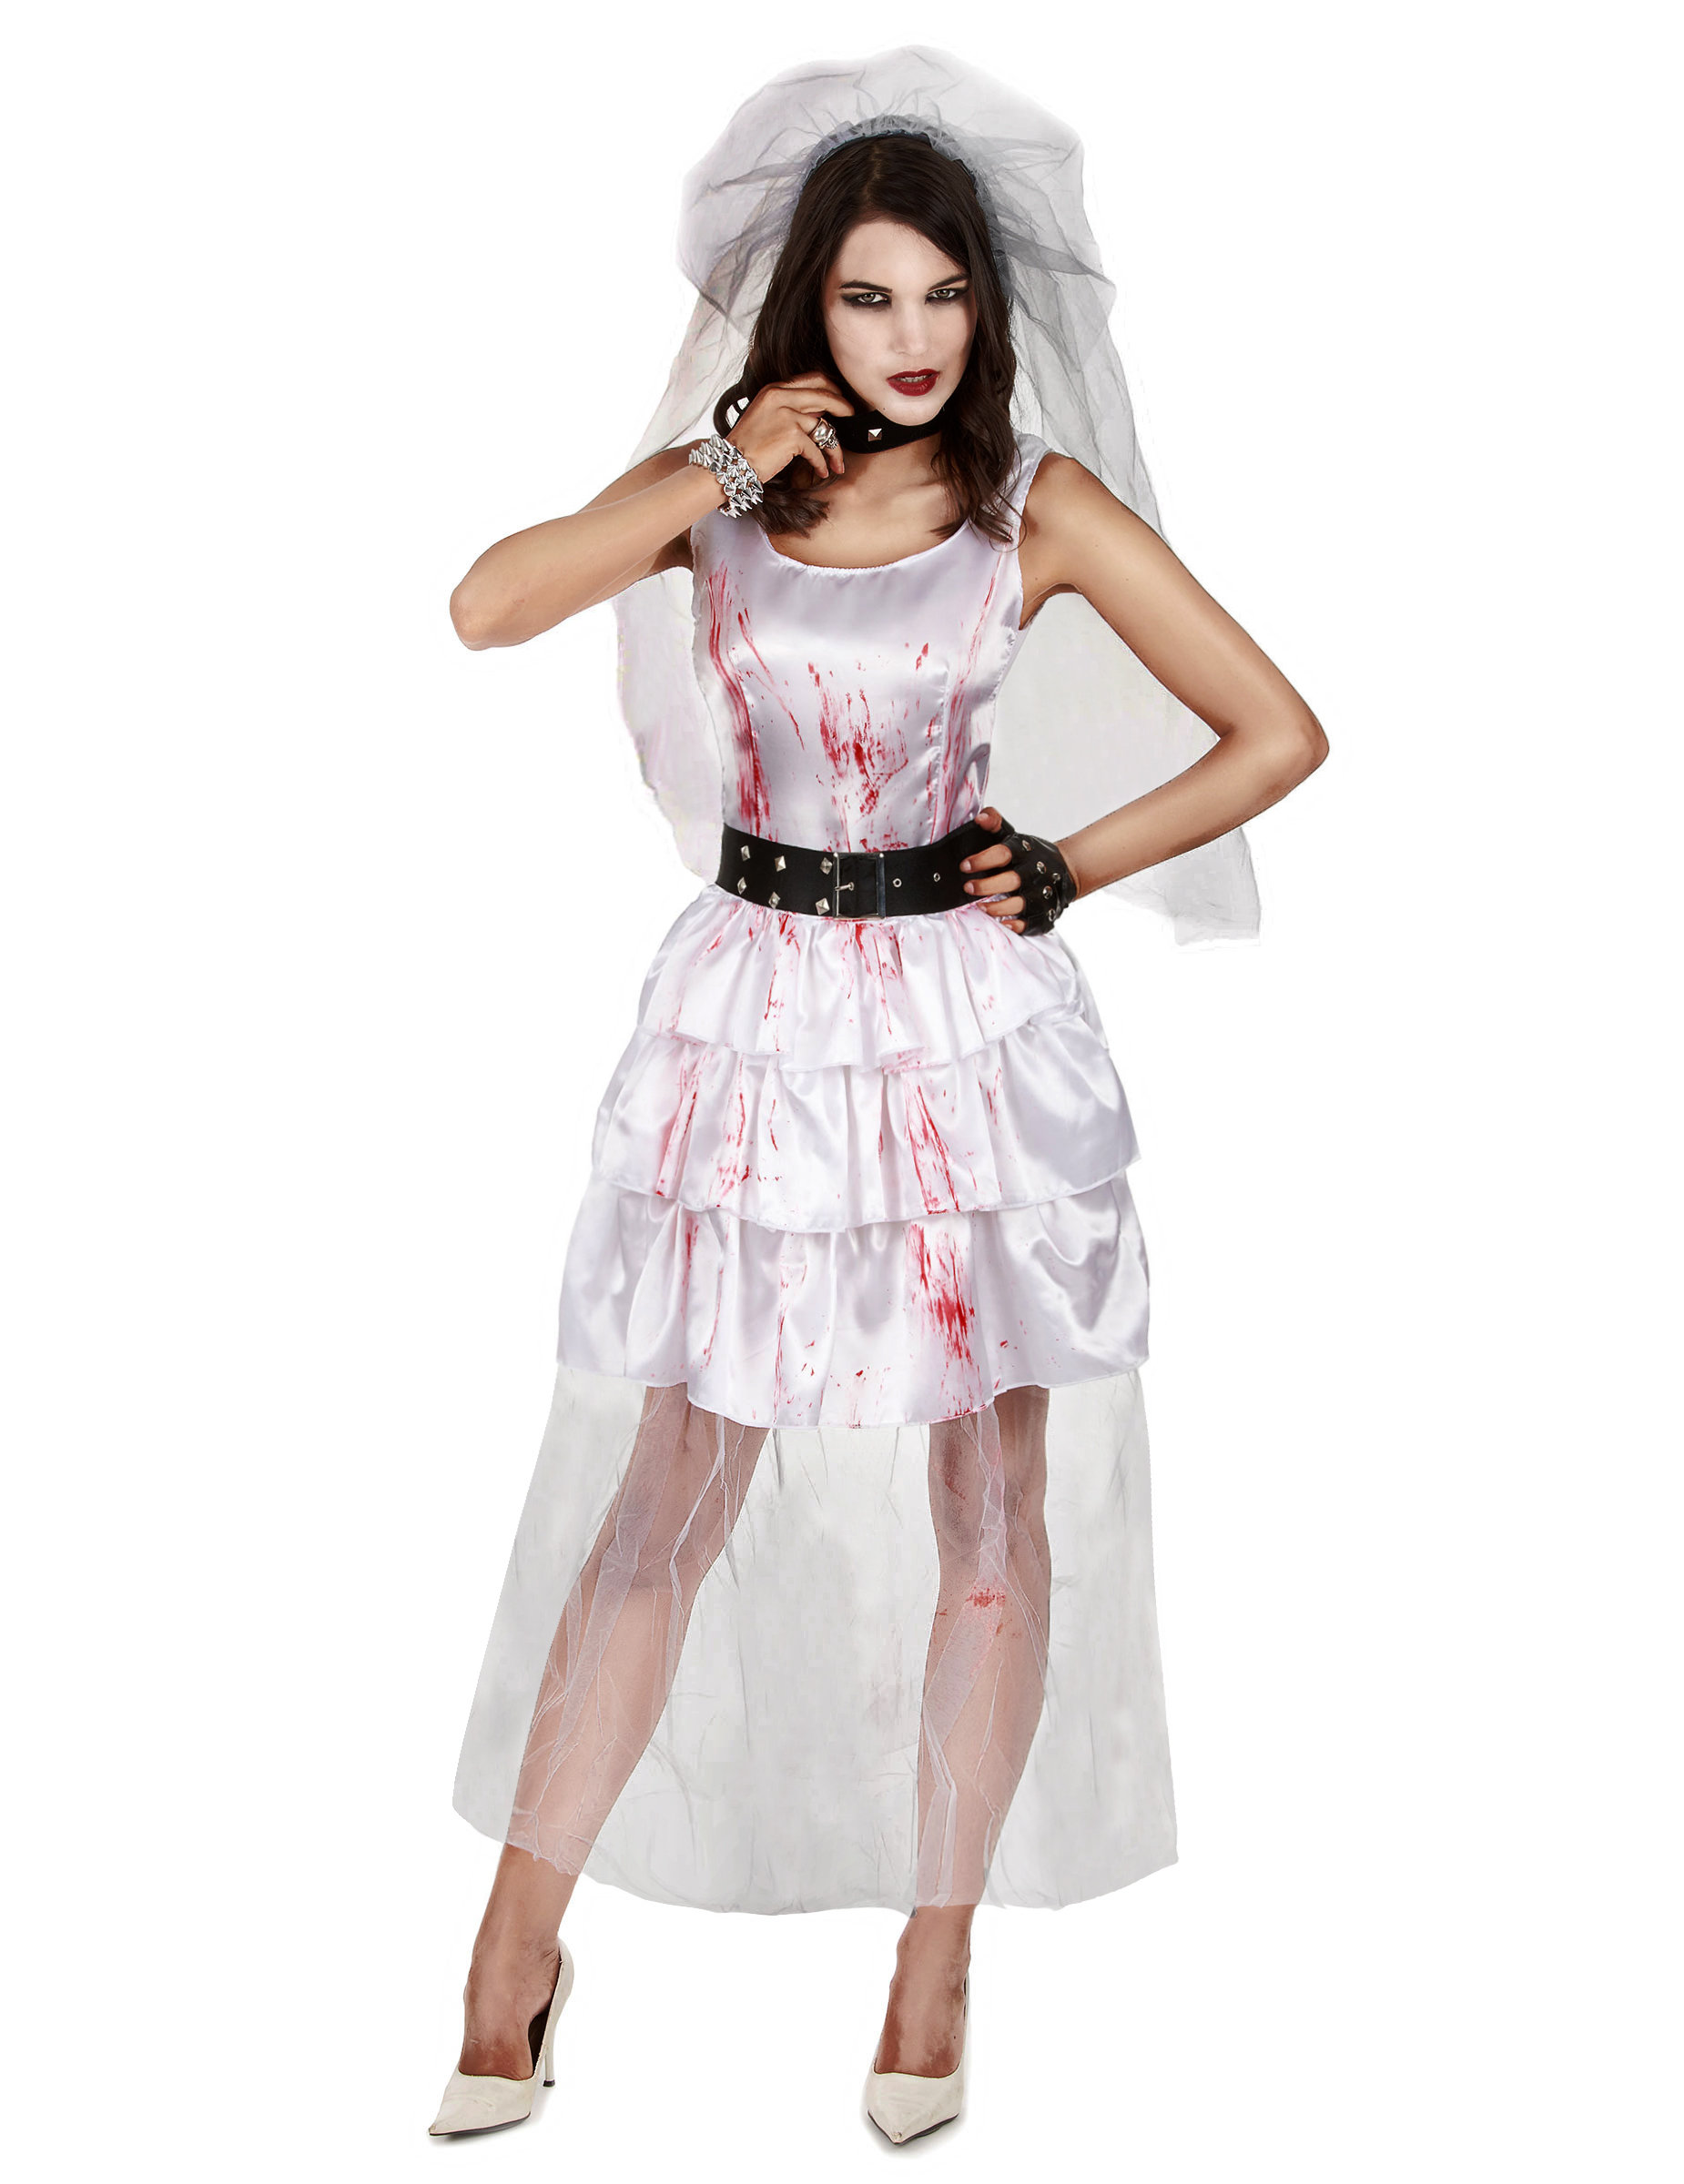 D guisement mari e zombie femme halloween d coration anniversaire et f tes th me sur vegaoo party - Deguisement zombie femme ...